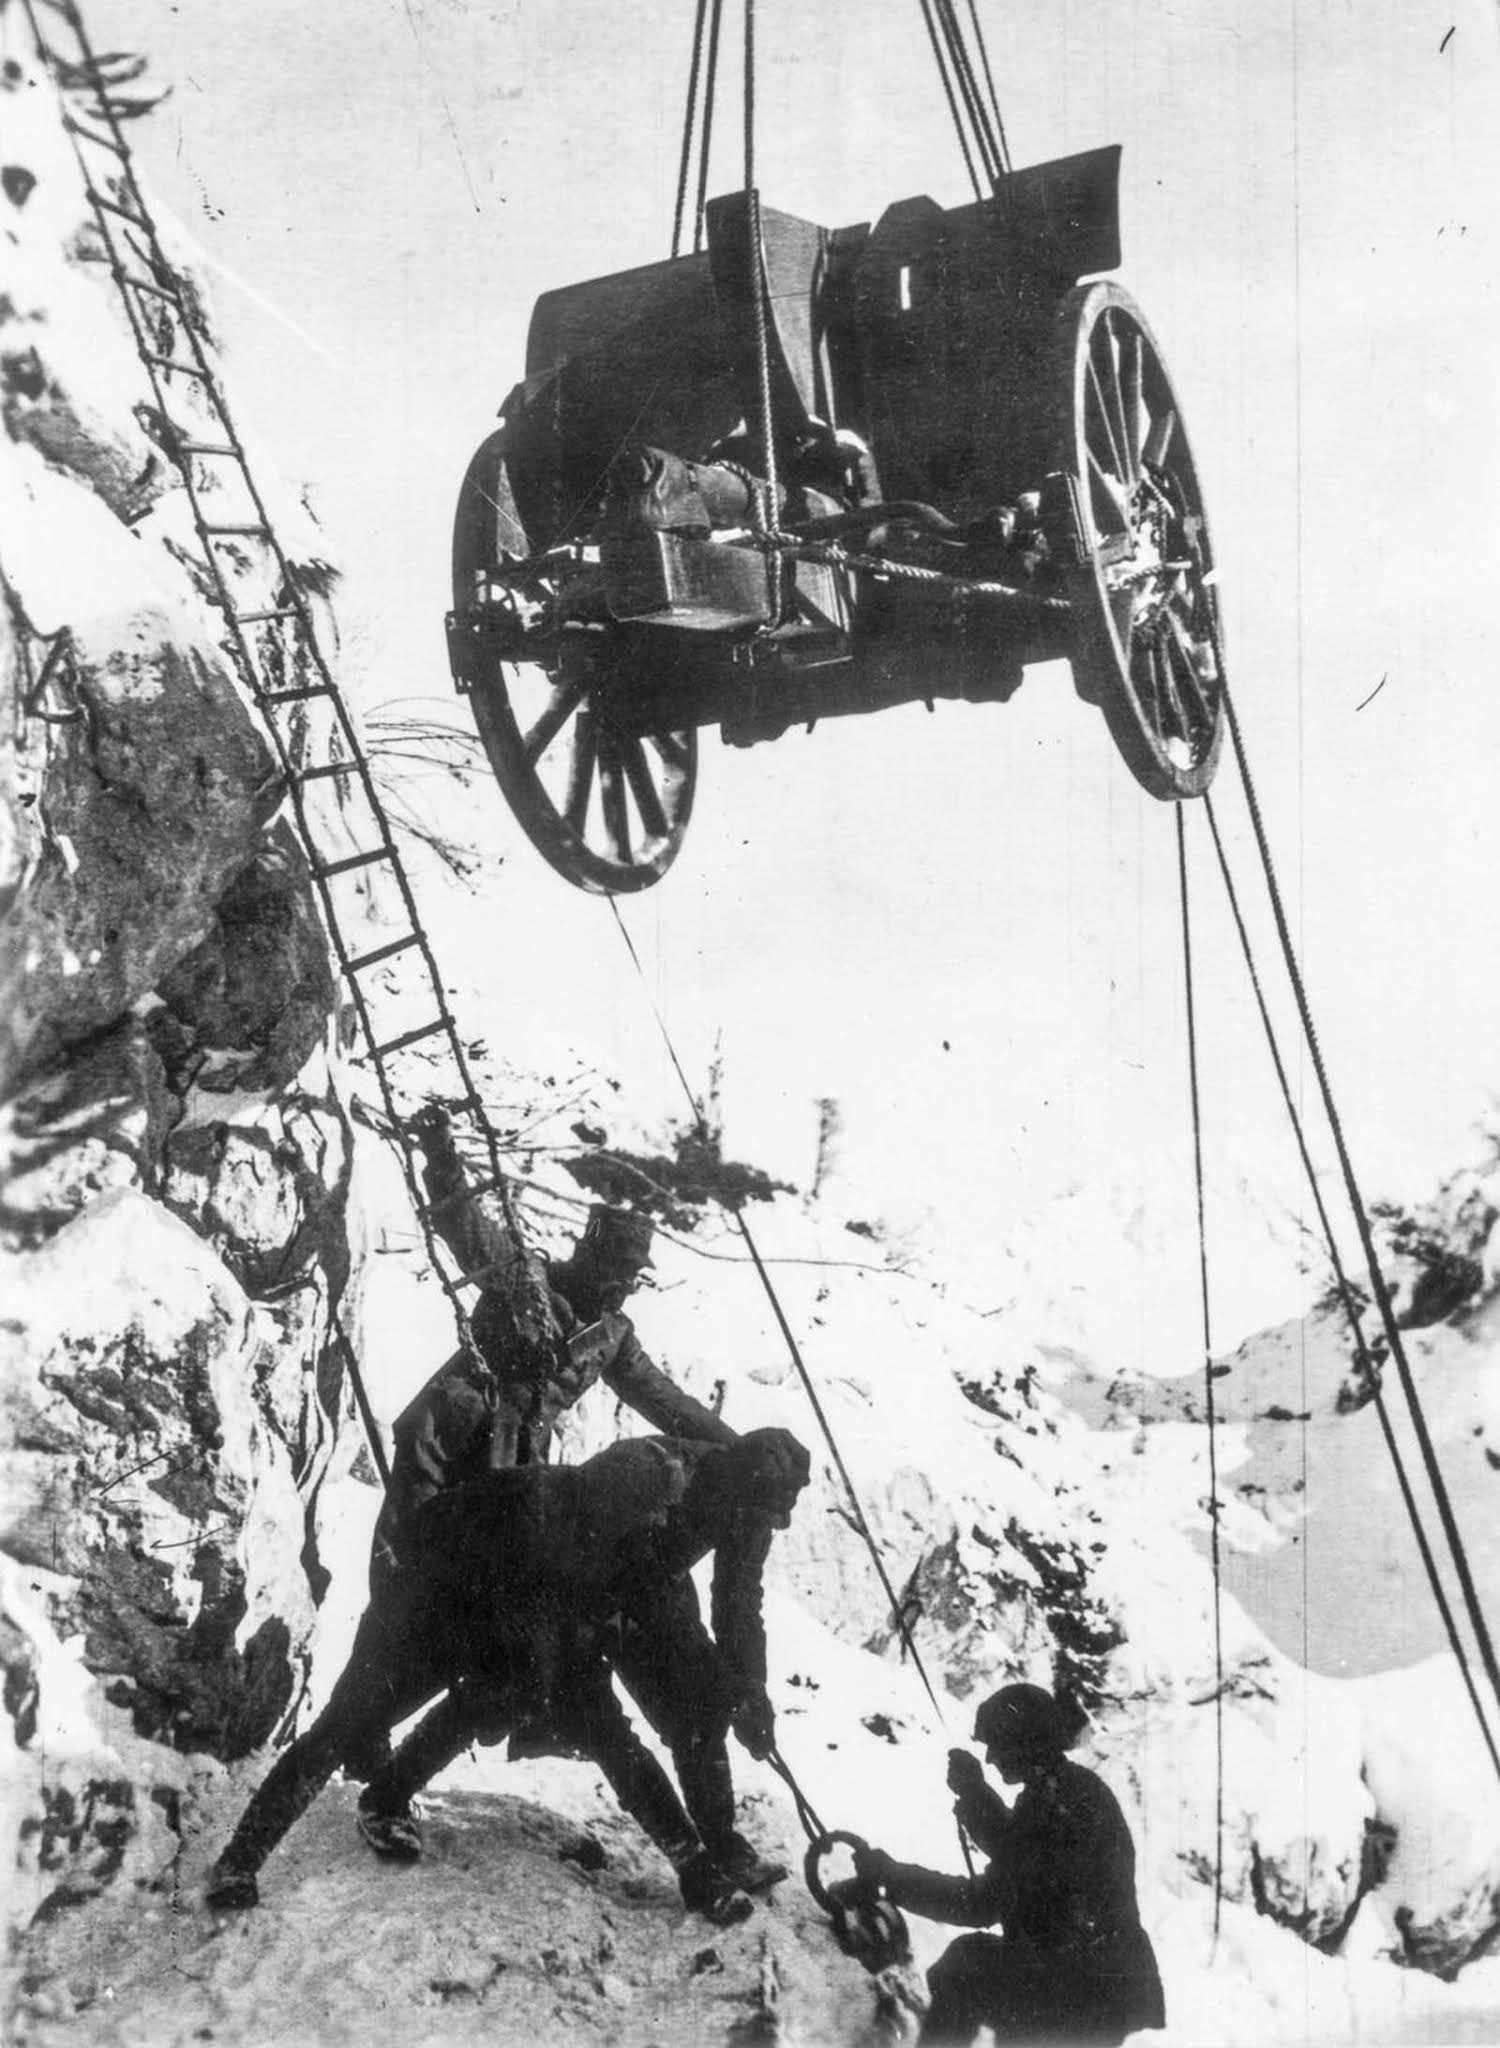 Soldiers hoist a field gun up a cliff face. 1917.